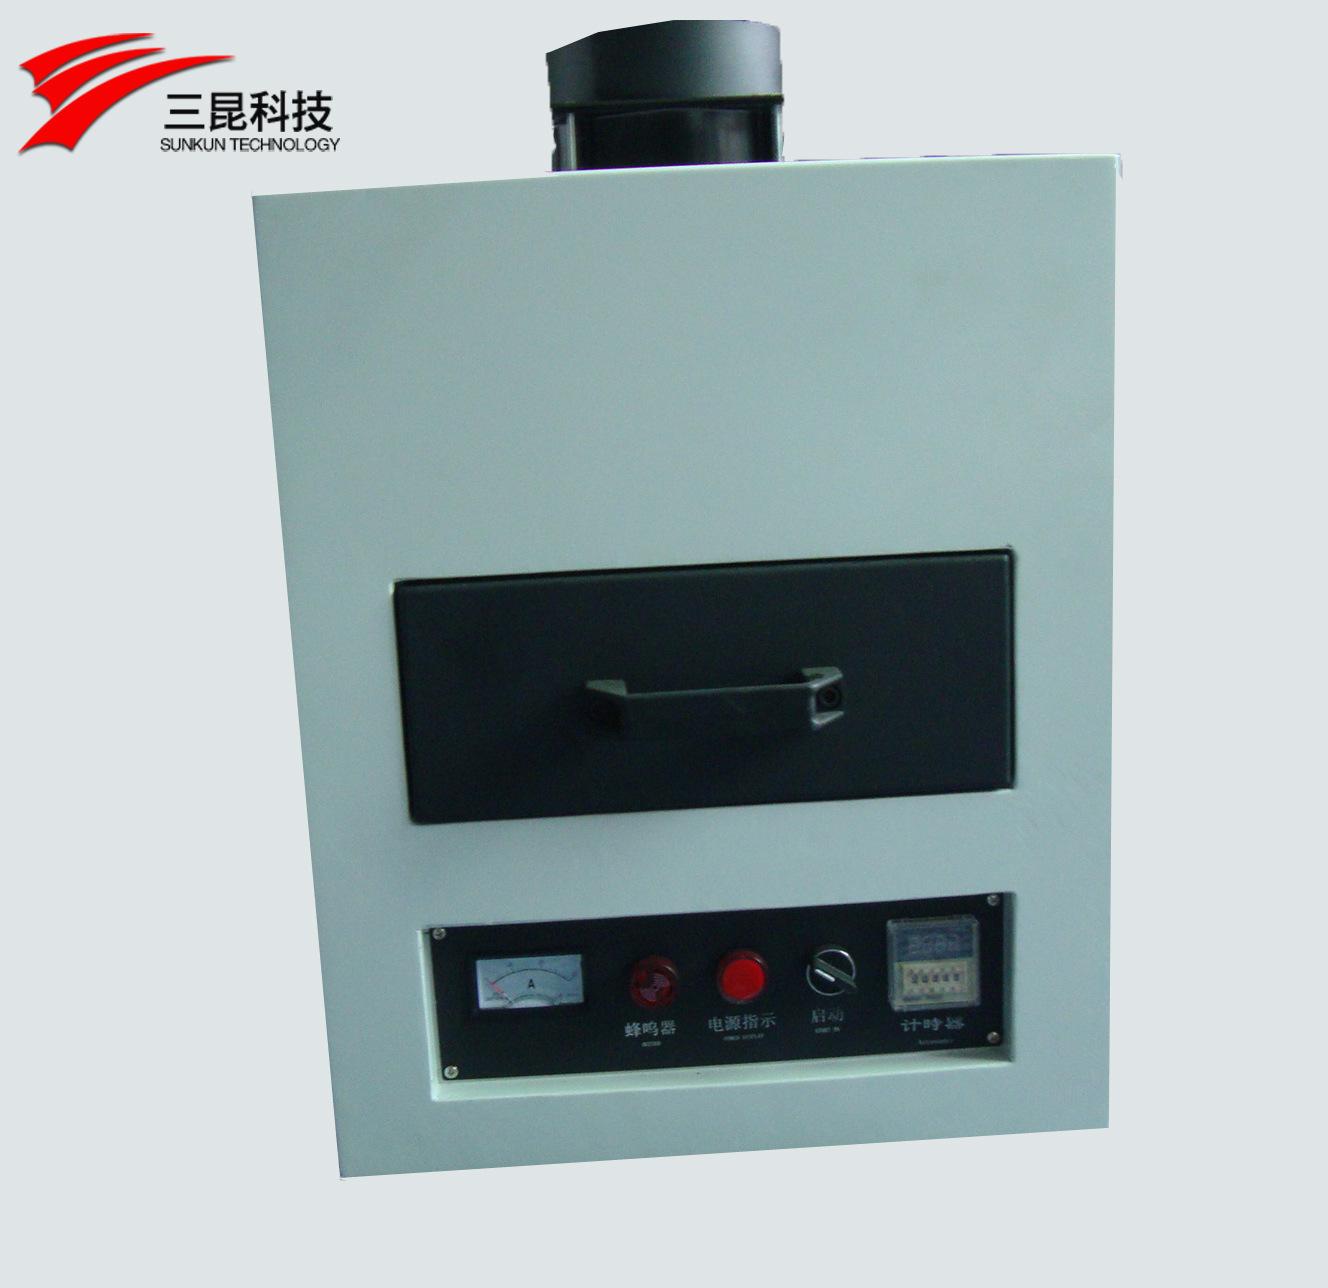 uv固化机_抽屉式uv机_箱式UV机,UV固化机,抽屉式UV机